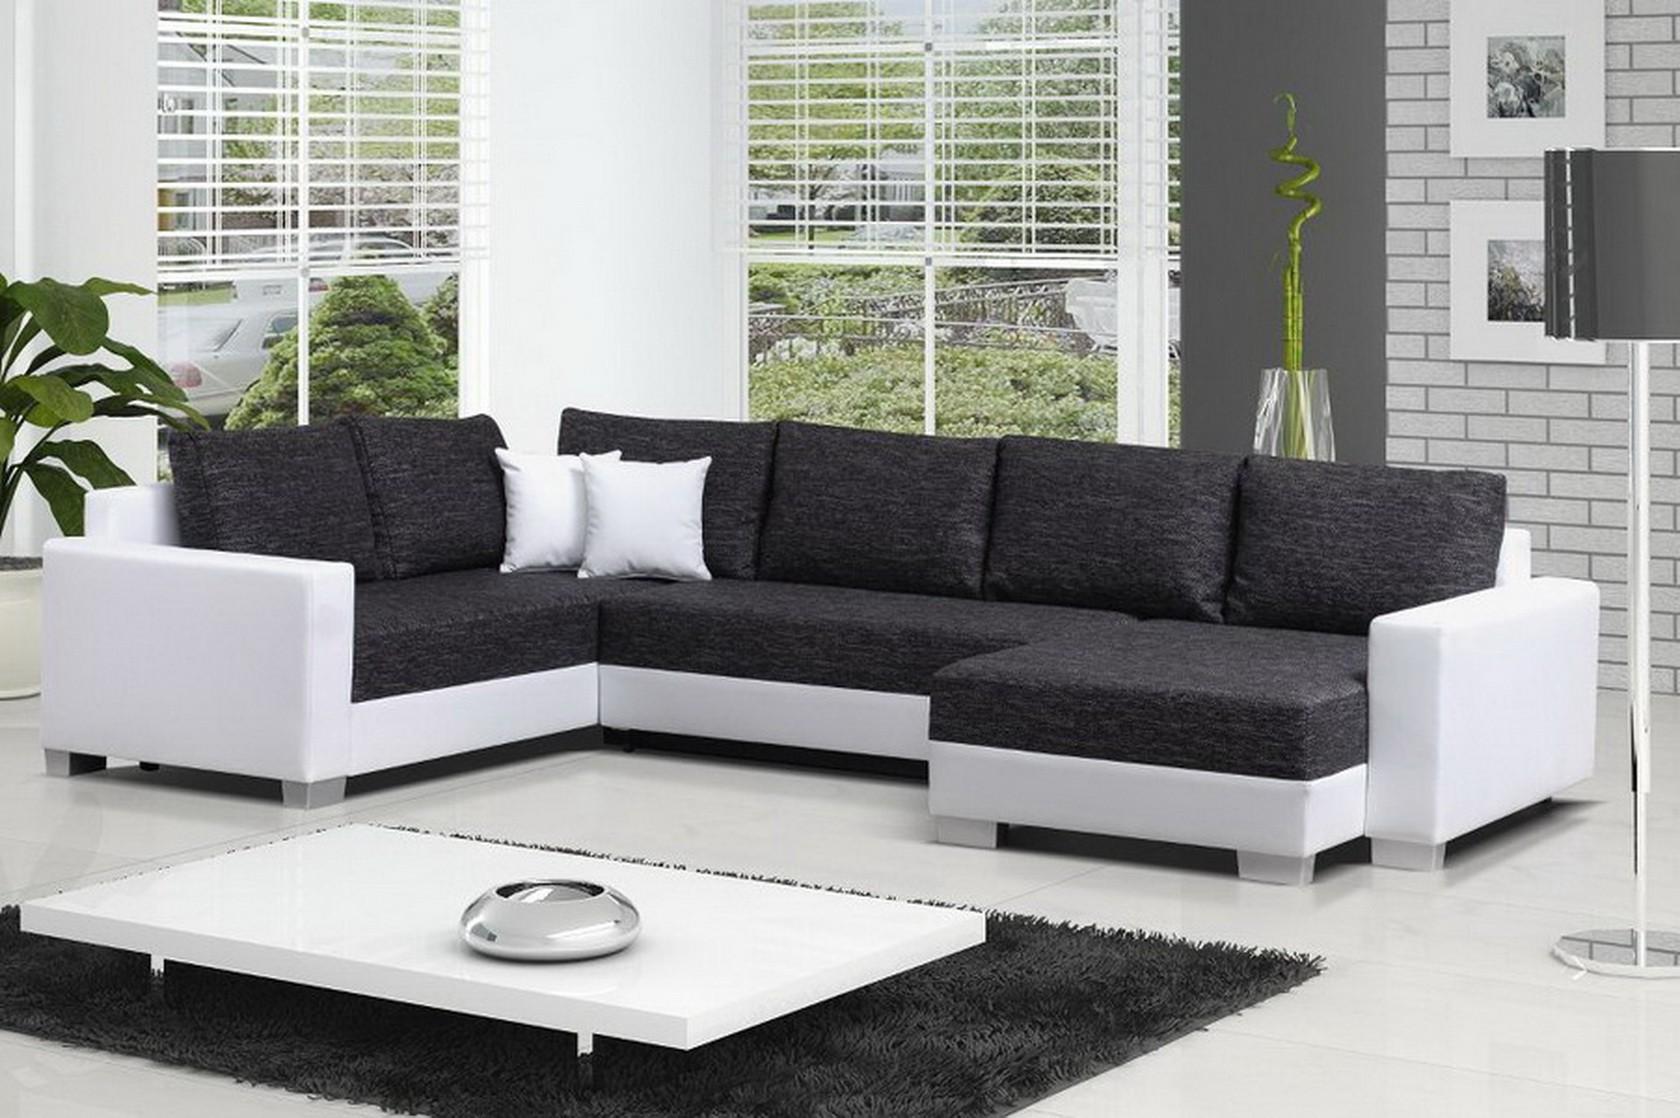 Canape Simili Cuir Noir Et Blanc